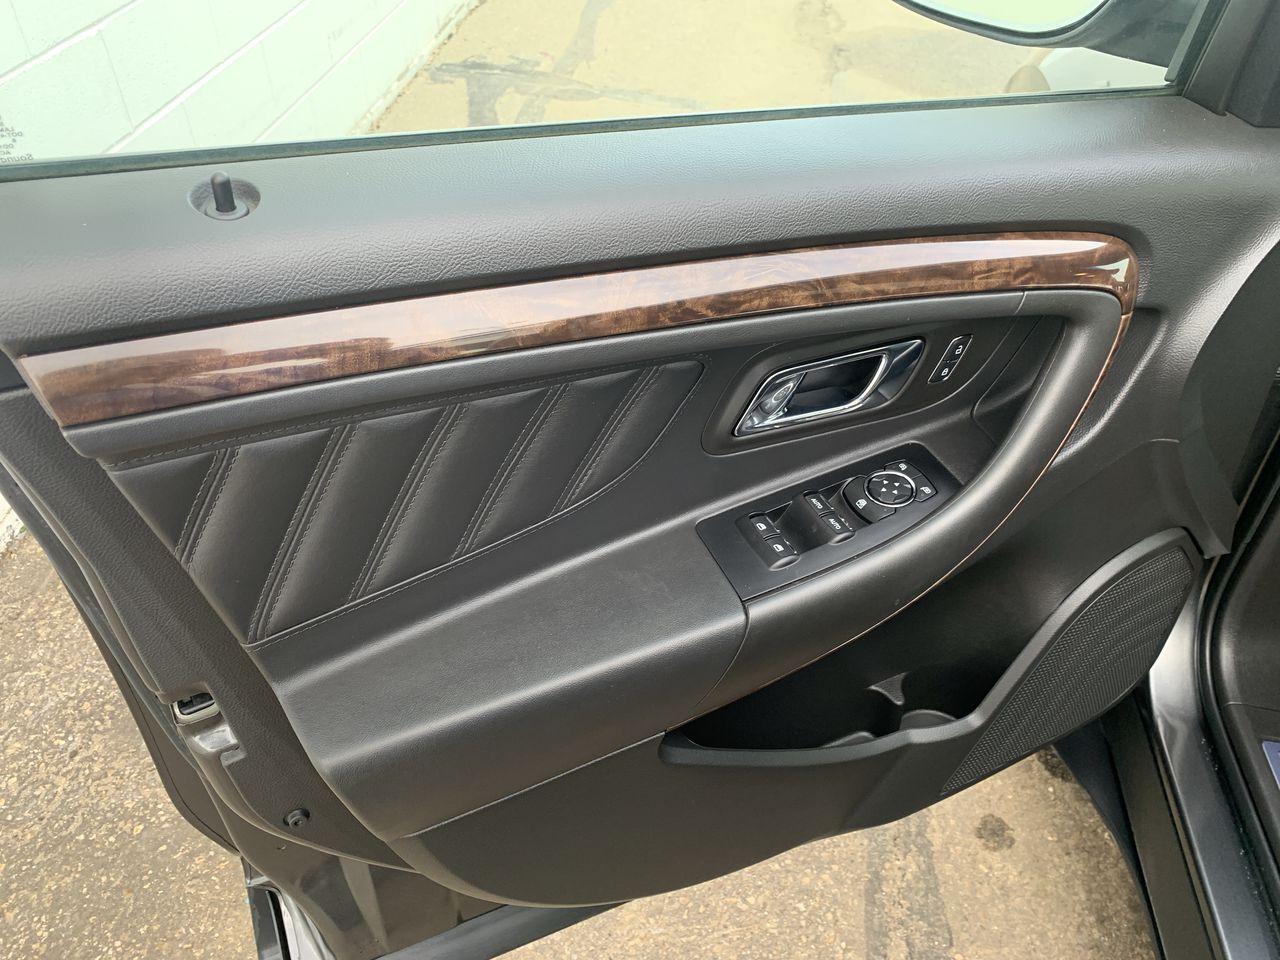 2018 Ford Taurus 4 Door Car